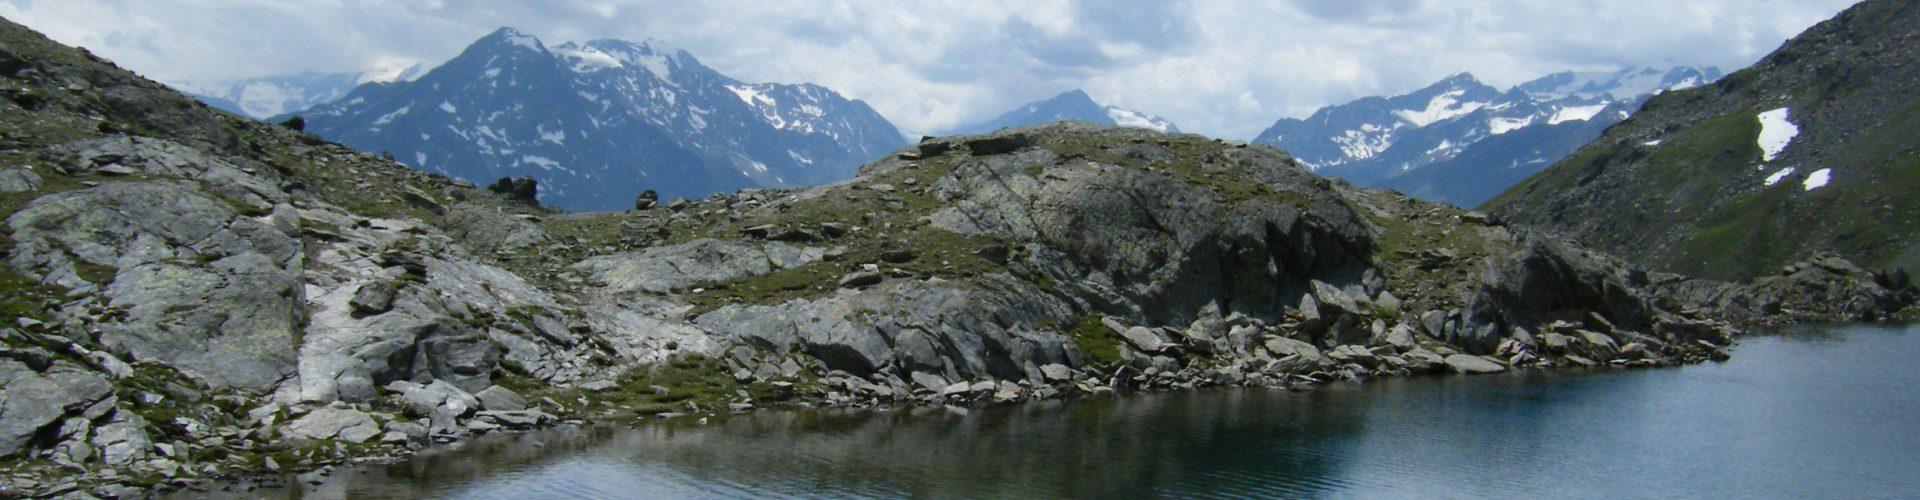 07.-13.06.2020 Wanderfreizeit am Achensee